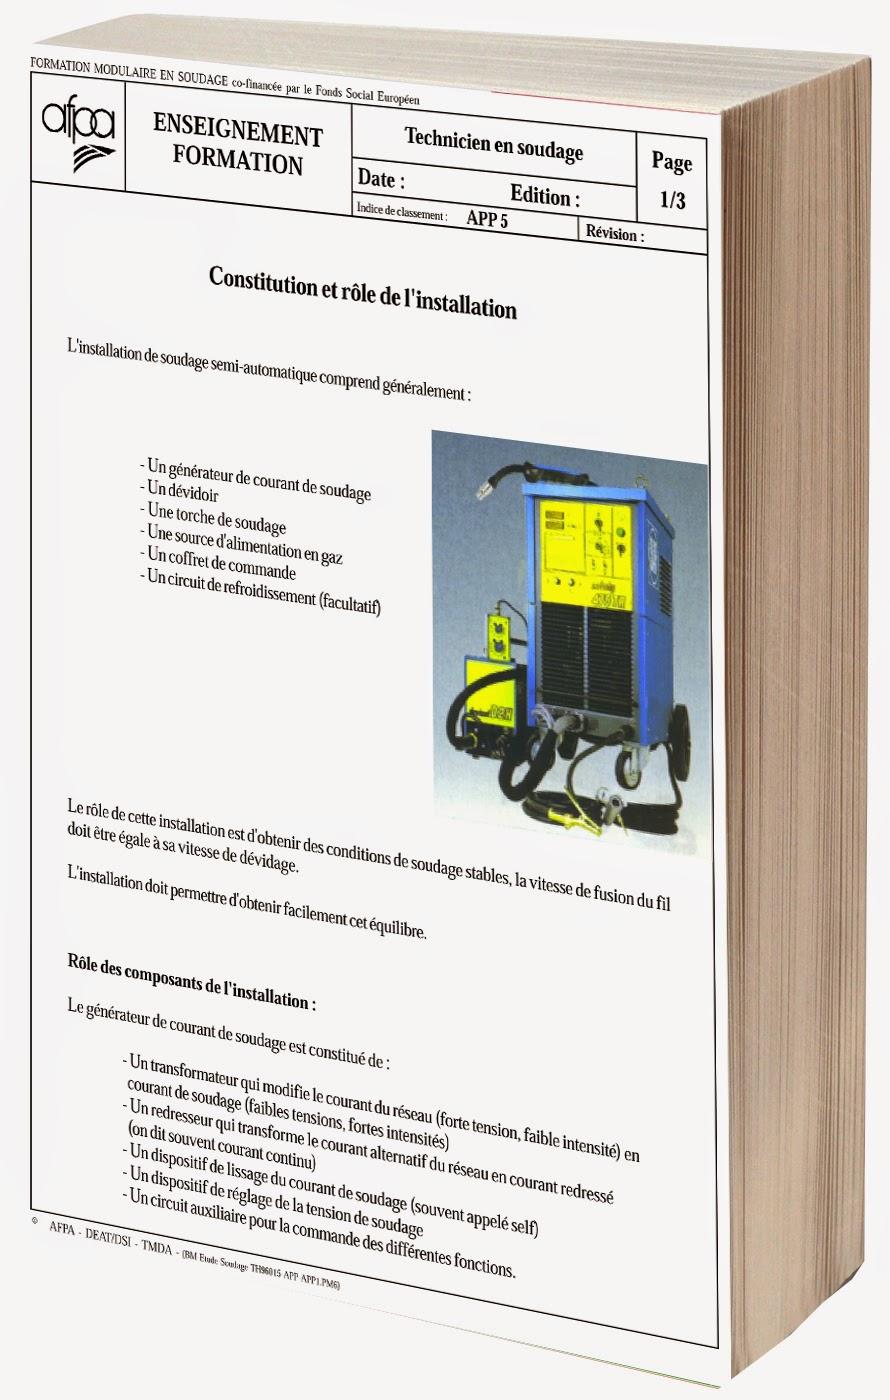 telecharger cours d informatique gratuit en pdf